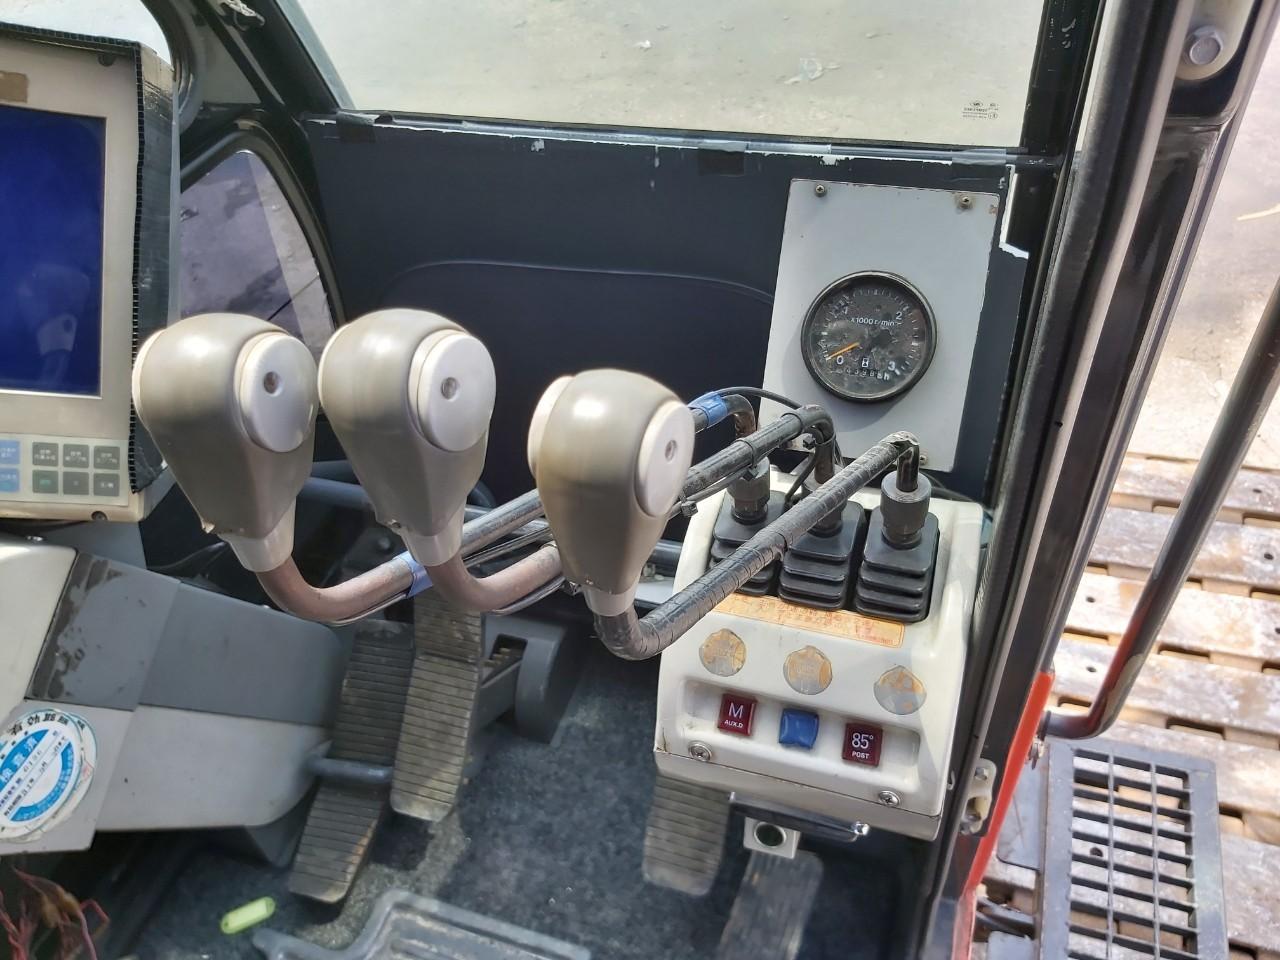 เครน, รถเครน, crane, ปั้นจั่น, รถเครนตีนตะขาบ, รถบรรทุกติดเครน, เครน 4 ล้อ, เครนใหญ่, เครนยกของหนัก, เครนยกของ, เครนเล็ก, เครนสำหรับยกของหนัก, เครนหอสูง, เครนราง, เครนขาสูง, เครนขาสูงแบบข้างเดียว, รถราฟเตอเรนเครน, รถเครนล้อยาง, รถทรัคเครน, รถเครน 10 ตัน, รถเครน 16 ตัน, รถเครน 20 ตัน, รถเครน 25 ตัน, รถเครน 35 ตัน, รถเครน 50 ตัน, รถเครนใช้แล้ว, เครนใช้แล้ว, รถเครนใช้แล้วนำเข้าจากญี่ปุ่น, ขายรถเครน, ขายเครน, ขายเครนเคลื่อนที่, ขายเครนอยู่กับที่, ขายเครนตีนตะขาบ, ขายรถบรรทุกเครน, ขายเครน 4 ล้อ, ขายเครนใหญ่, ขายเครนสำหรับยกของหนัก, ขายเครนหอสูง, ขายเครนราง, ขายเครนขาสูง, ขายเครนขาสูงแบบข้างเดียว, ขายรถราฟเตอเรนเครน, ขายรถเครนล้อยาง, ขายรถทรัคเครน, ขายรถเครน 10 ตัน, ขายรถเครน 16 ตัน, ขายรถเครน 20 ตัน, ขายรถเครน 25 ตัน, ขายรถเครน 35 ตัน, ขายรถเครน 50 ตัน, ขายปั้นจั่น, จำหน่ายเครน, จำหน่ายรถเครน, จำหน่ายปั้นจั่น, จำหน่ายรถเครนตีนตะขาบ, จำหน่ายรถบรรทุกติดเครน, จำหน่ายเครน 4 ล้อ, เครื่องจักรกลหนัก, เครื่องจักรทำถนน, เครื่องจักรก่อสร้าง, เครื่องจักรกลการเกษตร, เครนเล็ก, เครนยกของ, ประมูลเครน, Mobile crane, Mobile cranes, Crane, Cranes, Truck crane, Rough terrain crane, All terrian crane, Stationary crane, Crawler crane, Heavy lift crane, Lorry crane, Truck loader crane, Boom truck crane, Stationary crane, Tower crane, Overhead crane, Gantry crane, Semi gantry crane, Wall crane, Jib crane, Mobile crane 10 ton, Mobile crane 16 ton, Mobile crane 20 ton, Moblie crane 25 ton, Mobile crane 35 ton, Mobile crane 50 ton, Crane 10 ton, Crane 16 ton, Crane 20 ton, Crane 25 ton, Crane 35 ton, Sale mobile crane, Sale mobile cranes, Sale crane, Sale cranes, Sale truck crane, Sale rough terrain crane, Sale all terrian crane, Sale stationary crane, Sale tower crane, Sale overhead crane, Sale gantry crane, Sale semi gantry crane, Sale wall crane, Sale jib crane, Sale mobile crane 10 ton, Sale mobile crane 16 ton, Sale mobile crane 20 ton, Sale mobile crane 25 ton, Sale mobile crane 35 ton, Sale mobile crane 50 ton, Mobile crane sale, Mobile cranes sale, Crane sale, Cranes sale, Truck crane sal